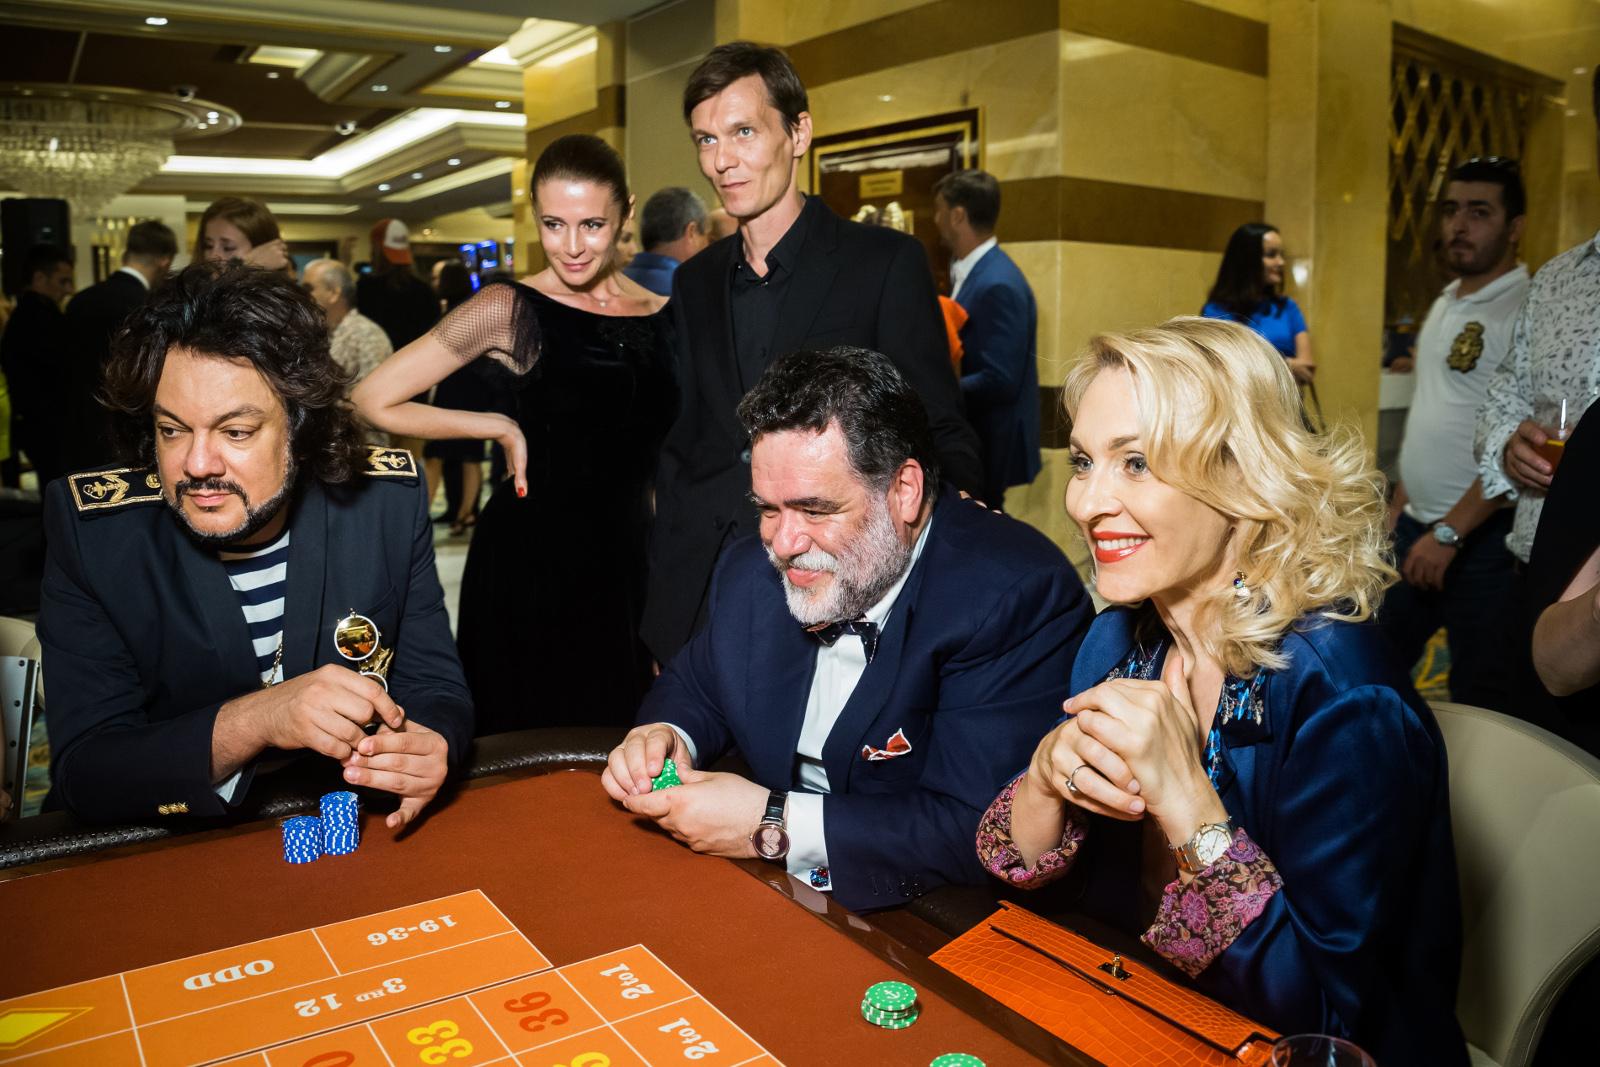 Нева-шанс санкт-петербург казино закрытие казино в москве 04 - 05.10.2006